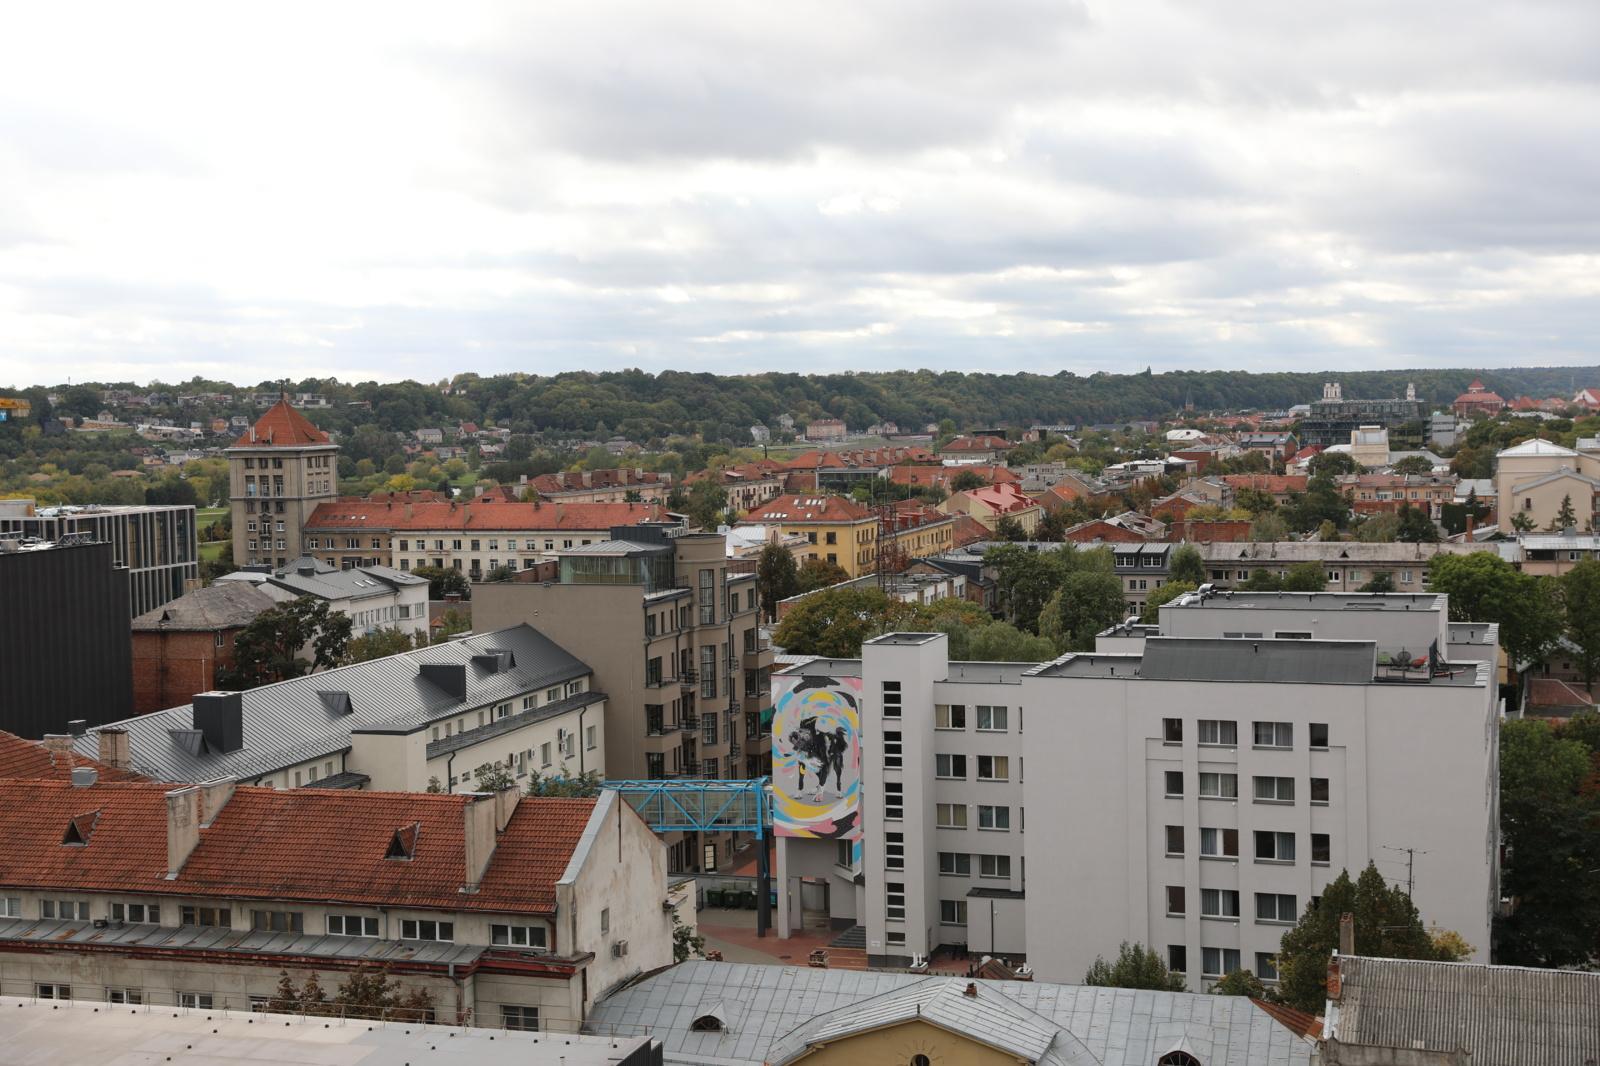 UNESCO Pasaulio paveldo centrui pateikta paraiška dėl Kauno modernizmo architektūros pripažinimo